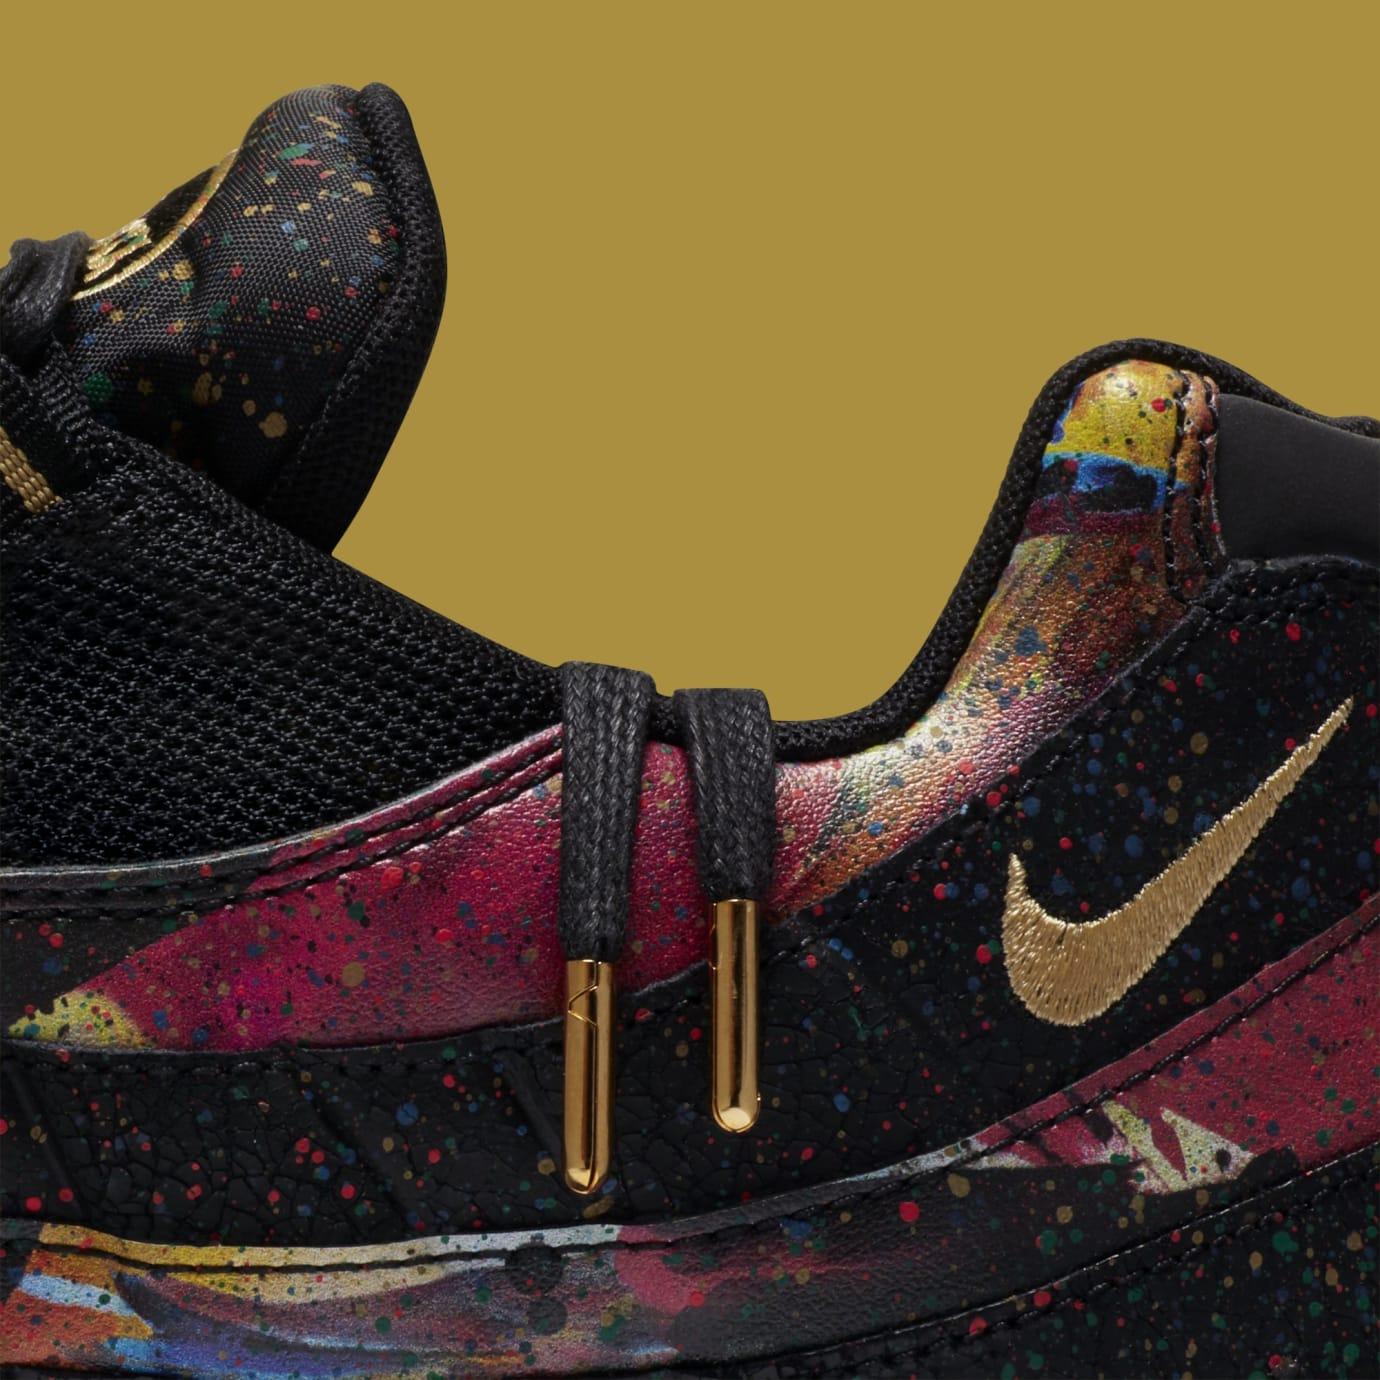 Nike Air Force 1 Low Air Max 95 'Caribana' Pack Release Date